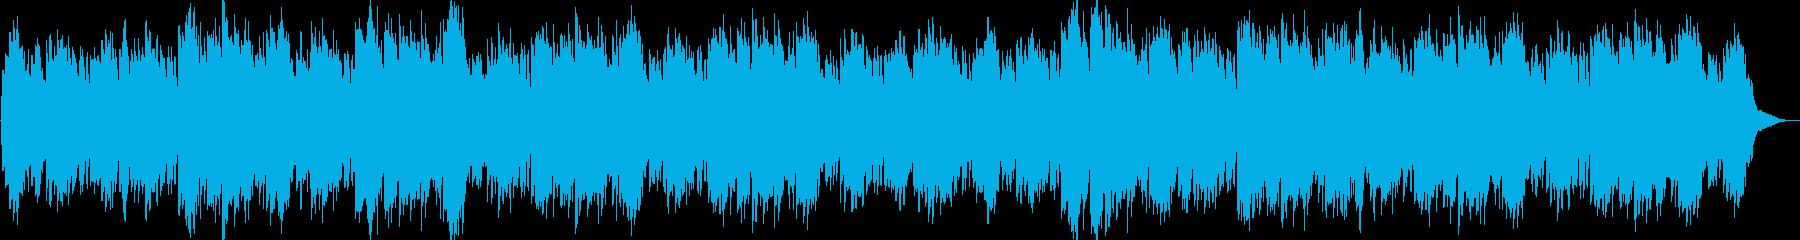 リラックス・神秘的・映像・ゲーム用の再生済みの波形